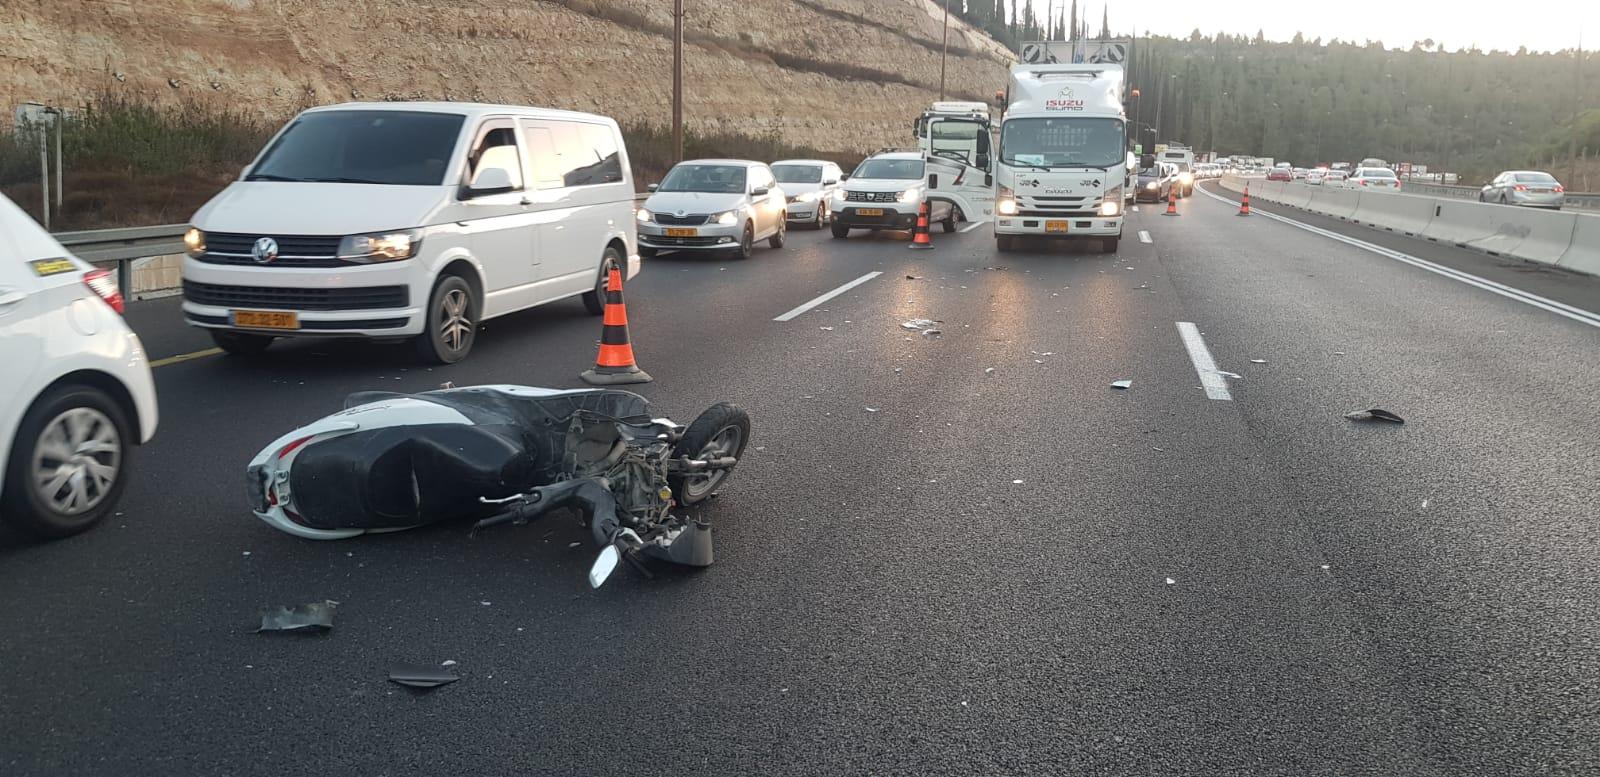 צעיר כבן 20 נהרג בתאונת דרכים סמוך לשער הגיא